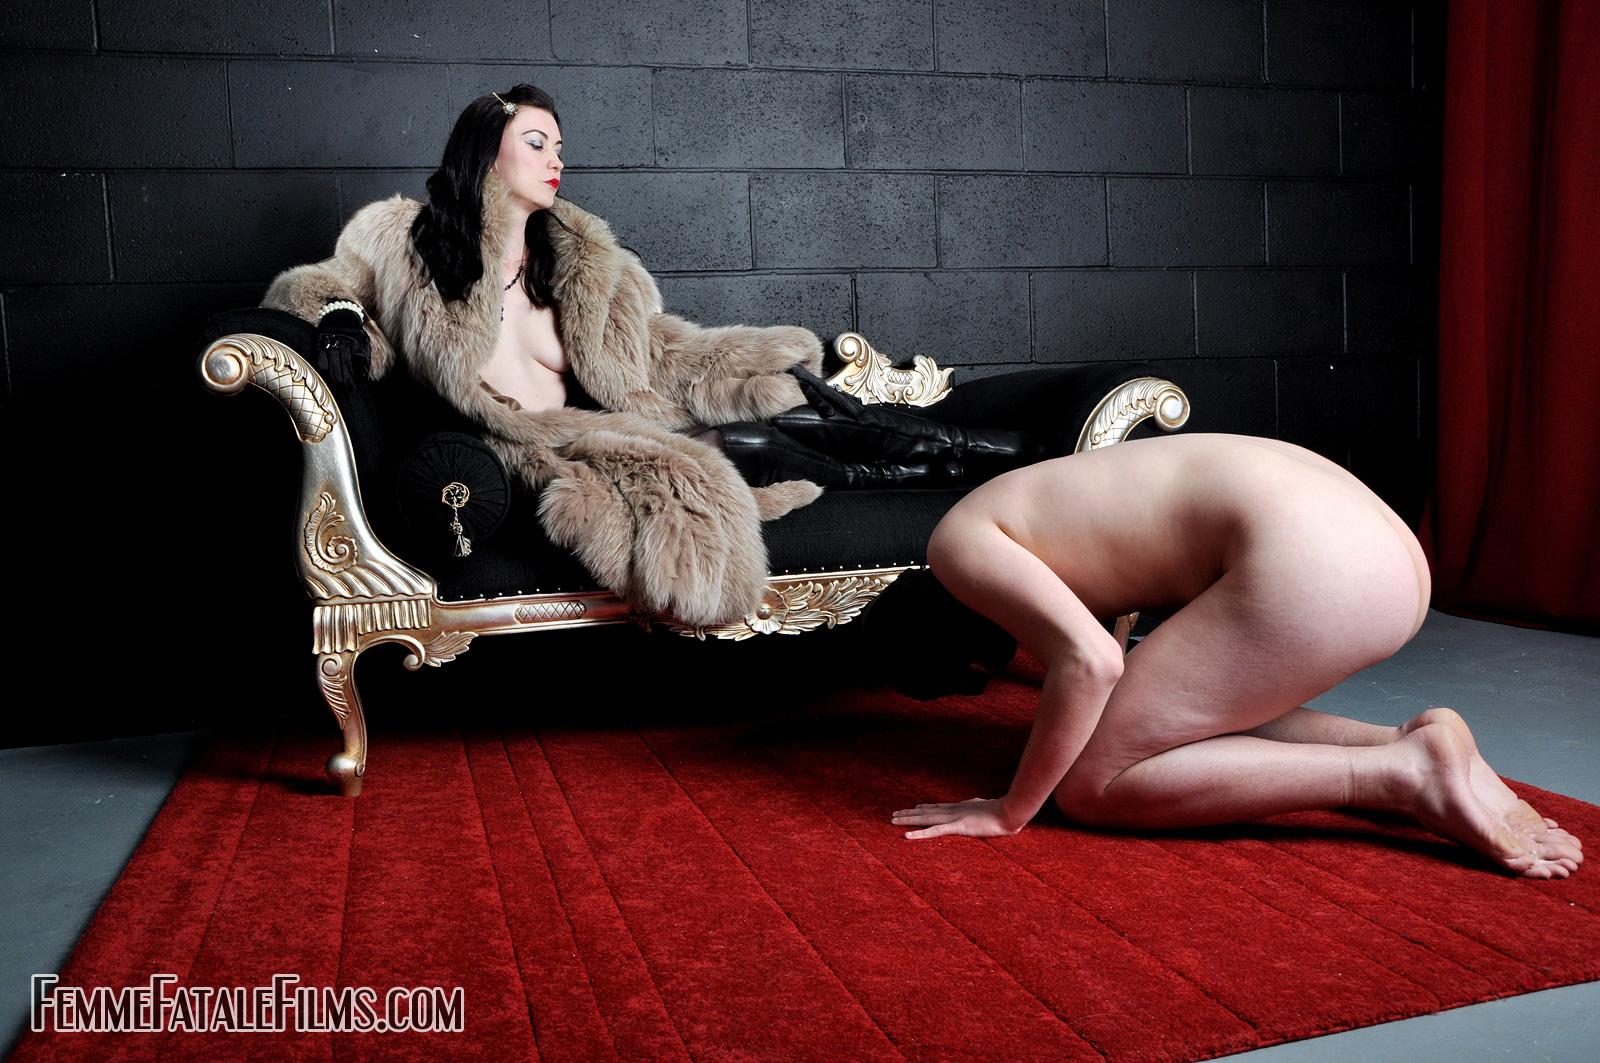 Русская госпожа и рабыня смотреть онлайн 17 фотография